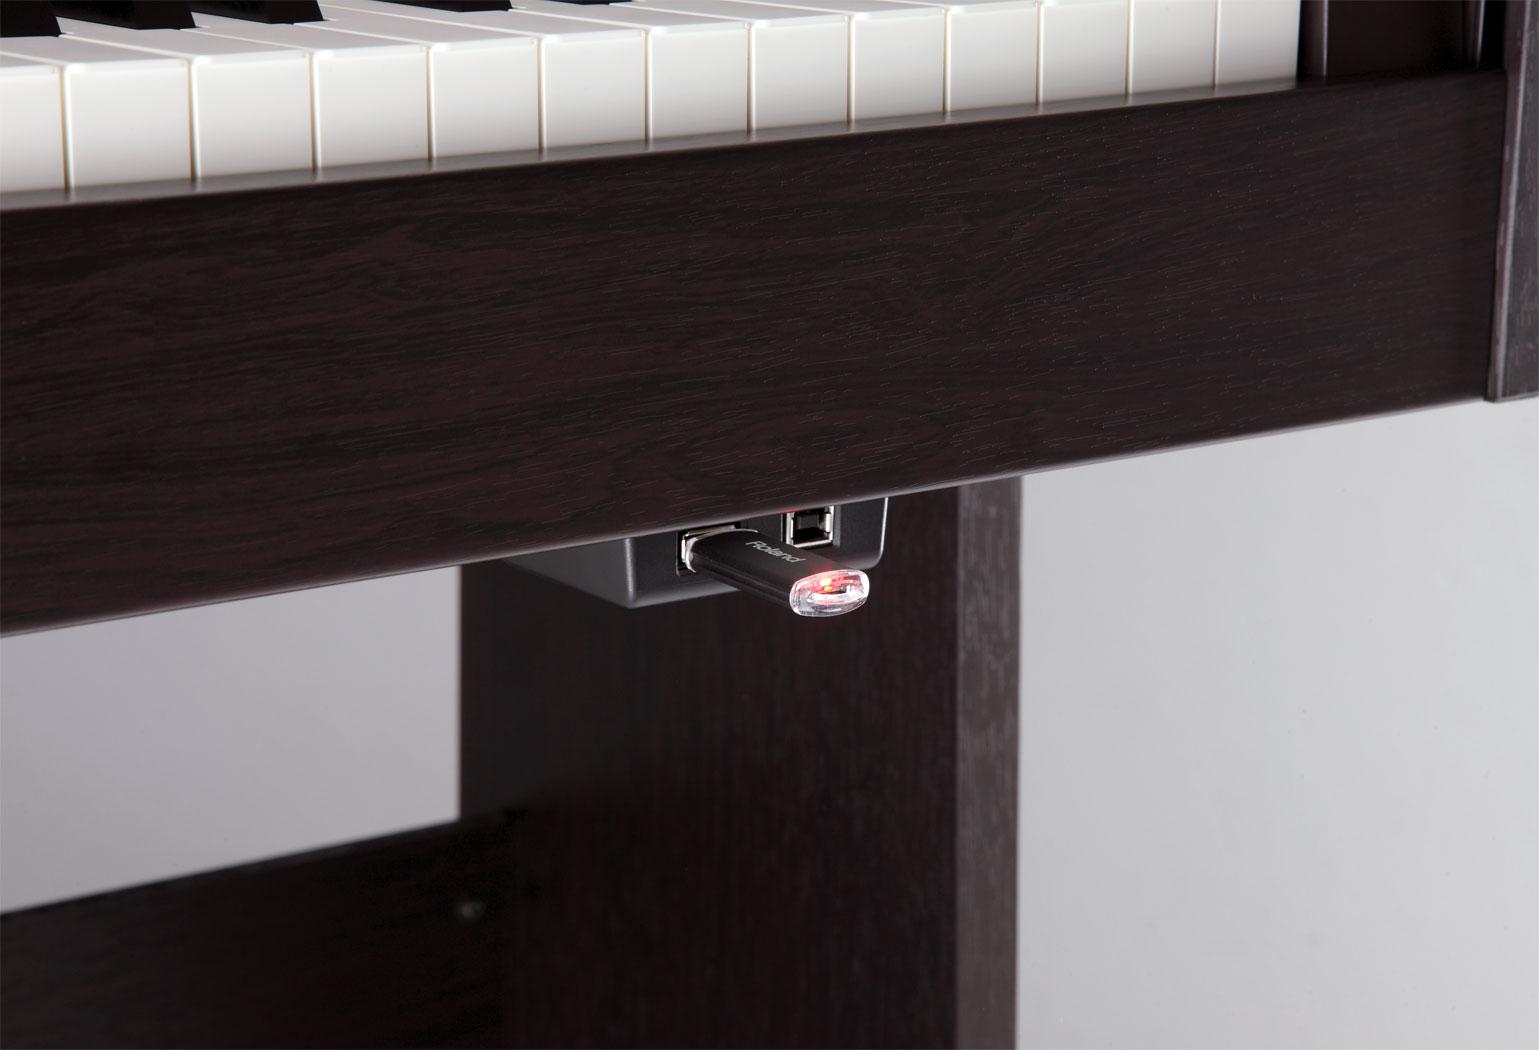 Đàn Piano Điện Roland RP301R với chất lượng piano sống động, trung thực, độ cảm ứng cao có khả năng kết hợp nhiều giai điệu khác nhau khi chơi trên phím đàn